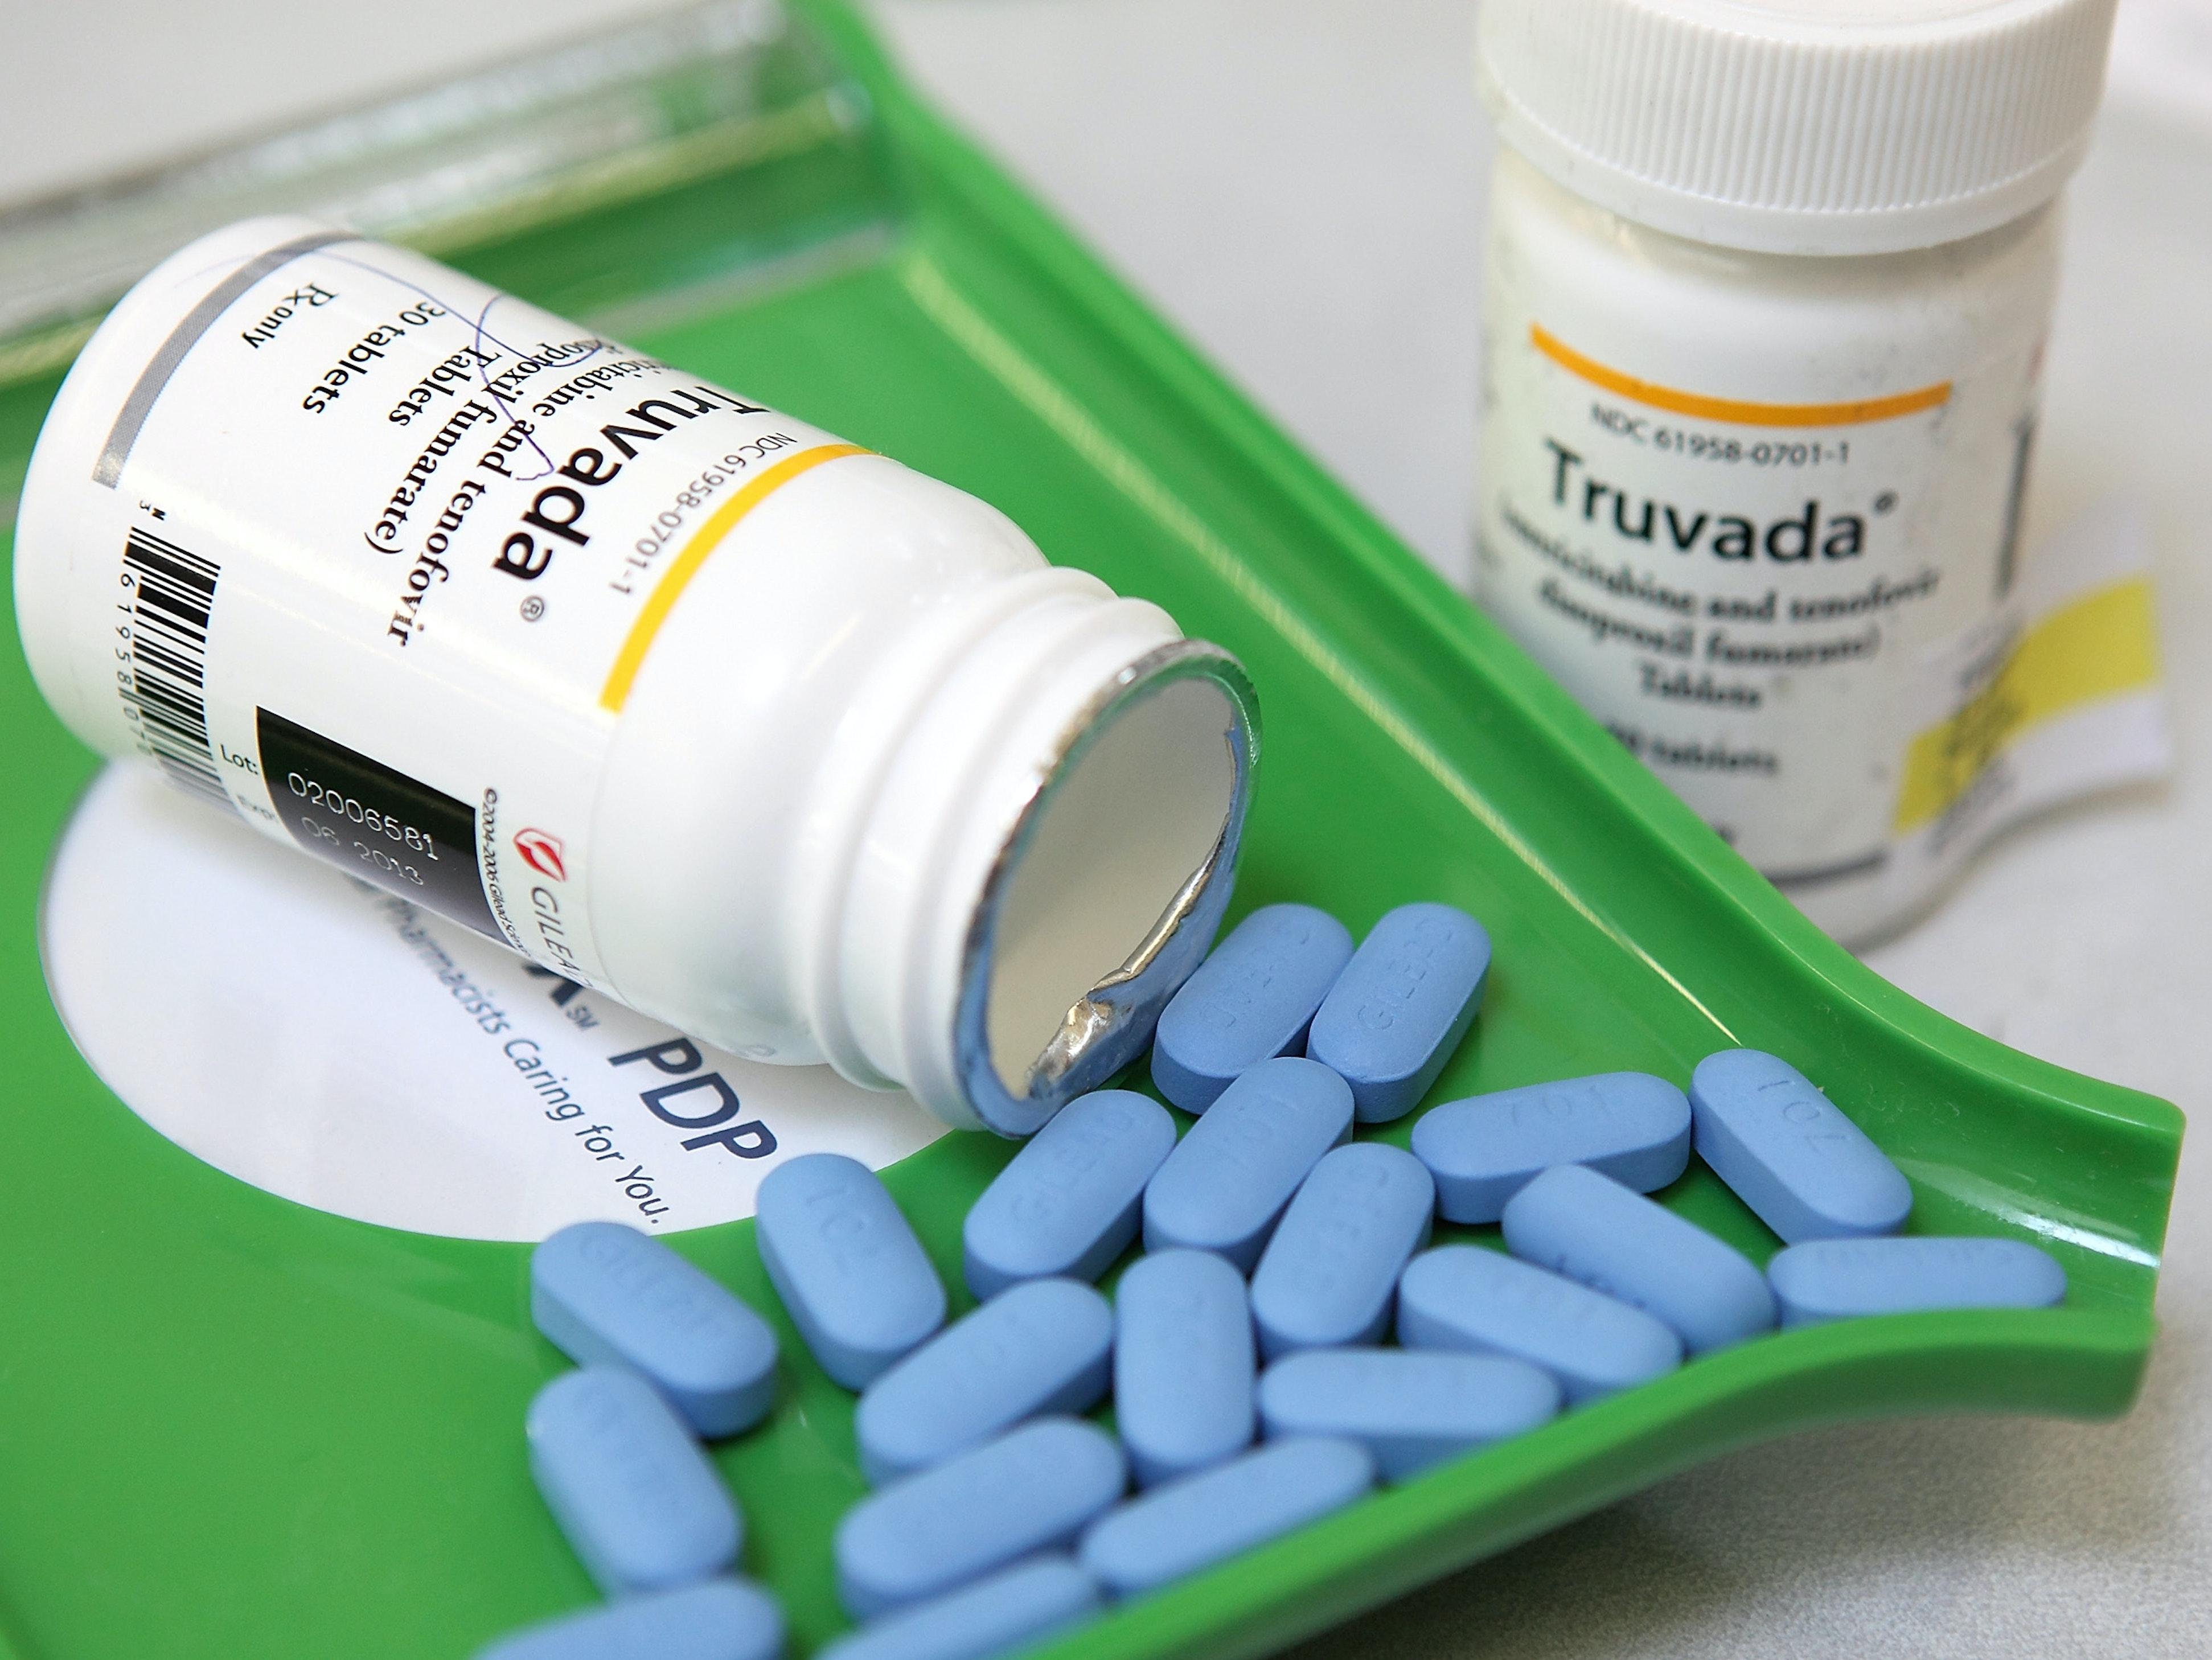 Drug-Delivery Startup Nurx Adds AIDS Prevention Drug Truvada